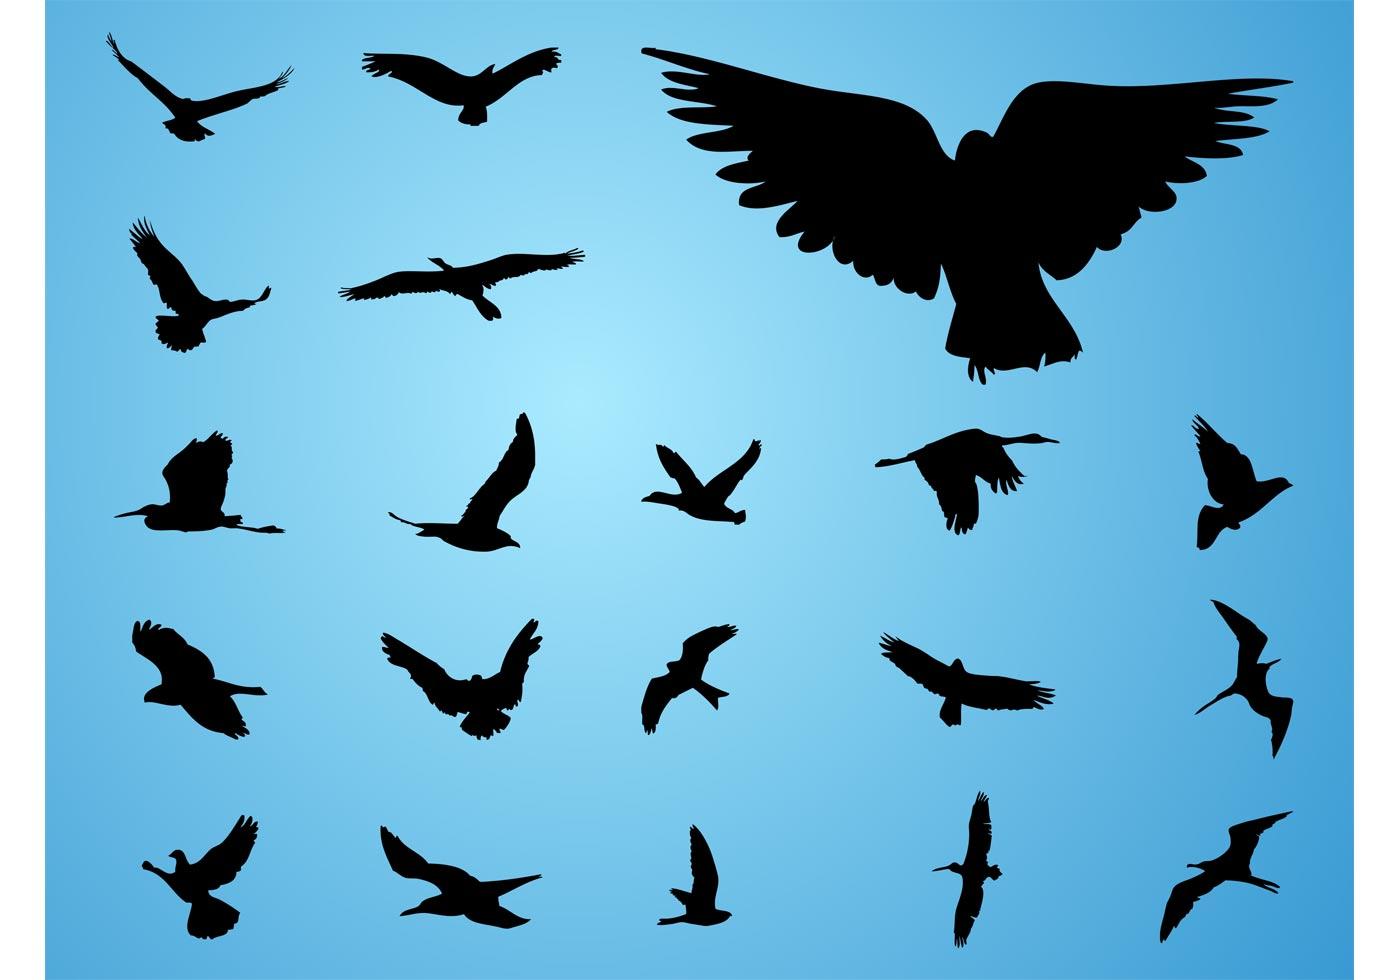 Vector Birds - Download Free Vector Art, Stock Graphics ... - photo#39